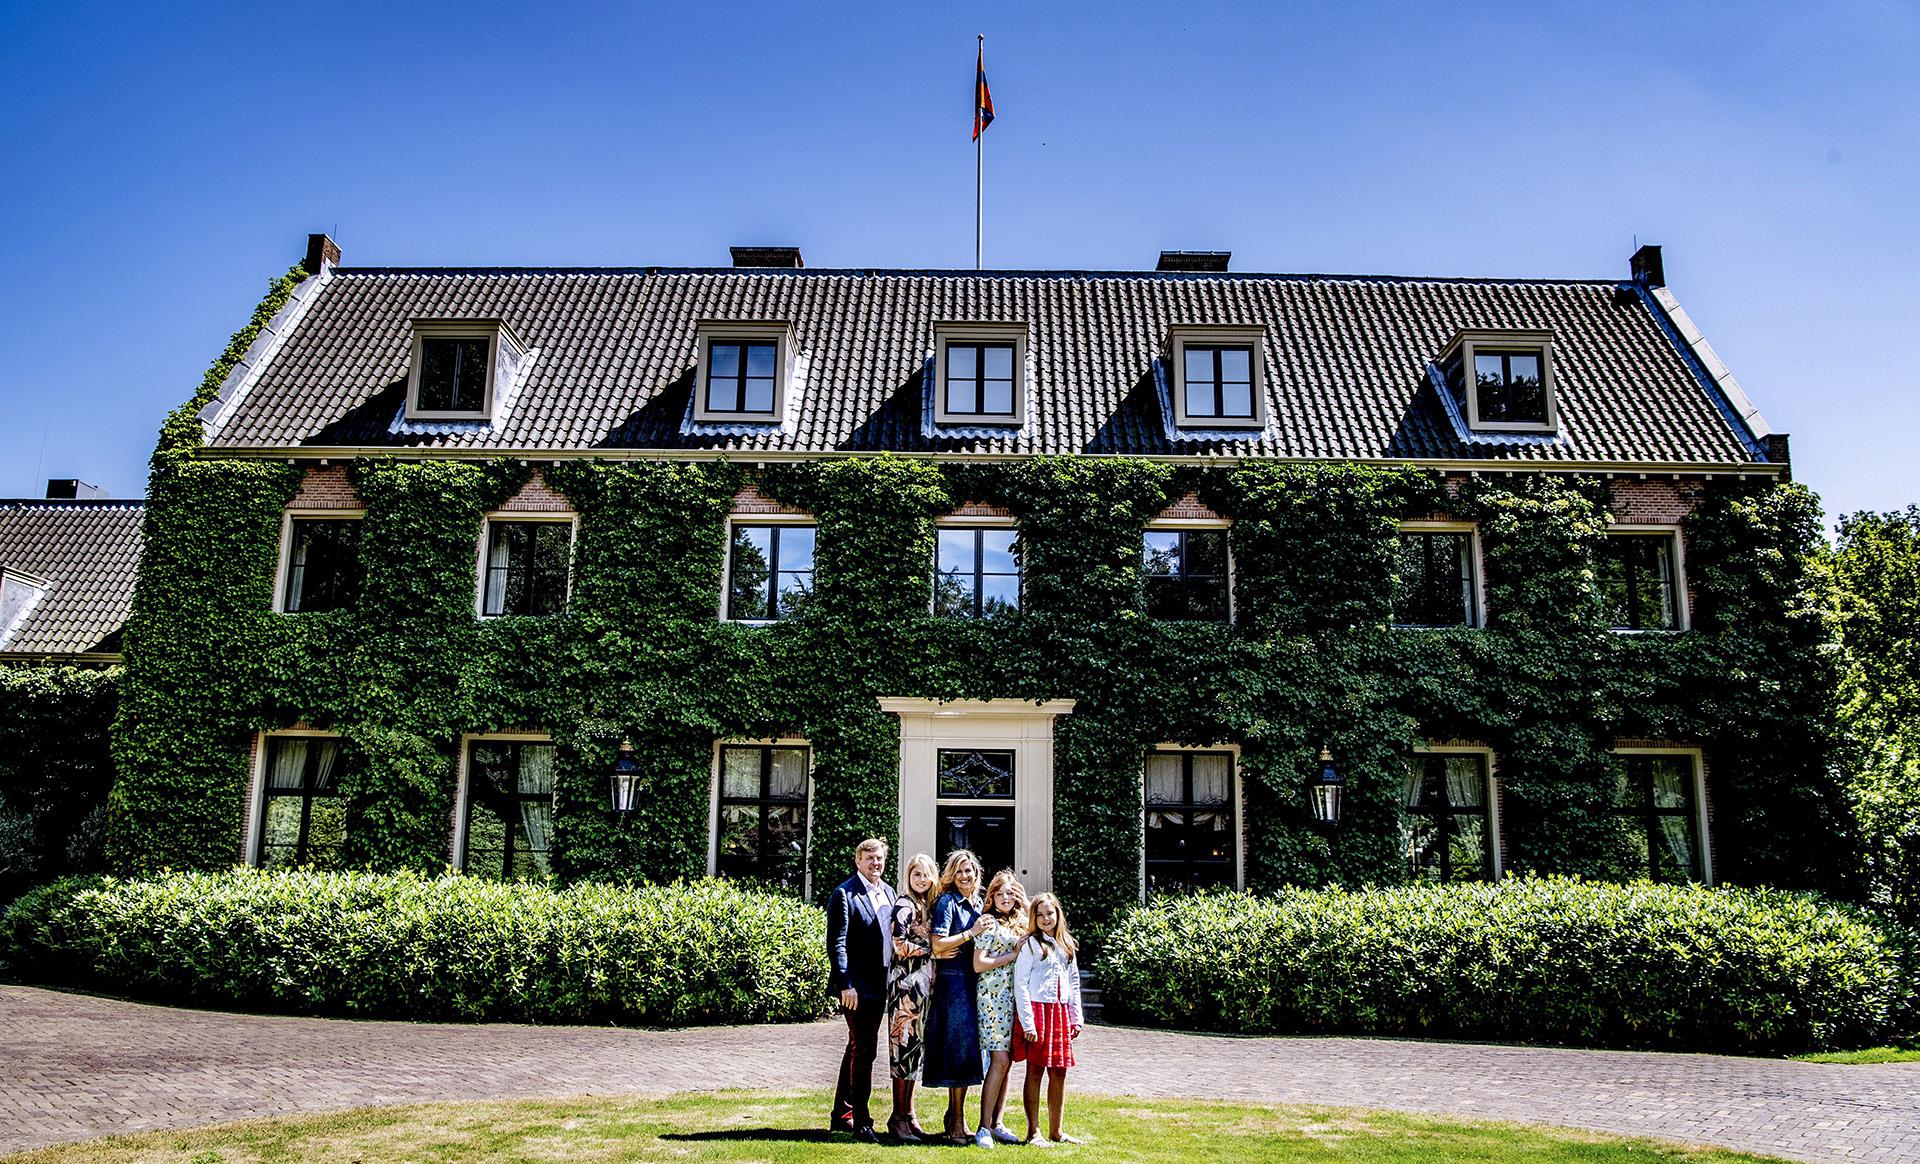 En esta oportunidad, los reyes y las princesas posaron en el jardín de su residencia de Villa Eikenhorst, en Wassenaar, cerca de La Haya